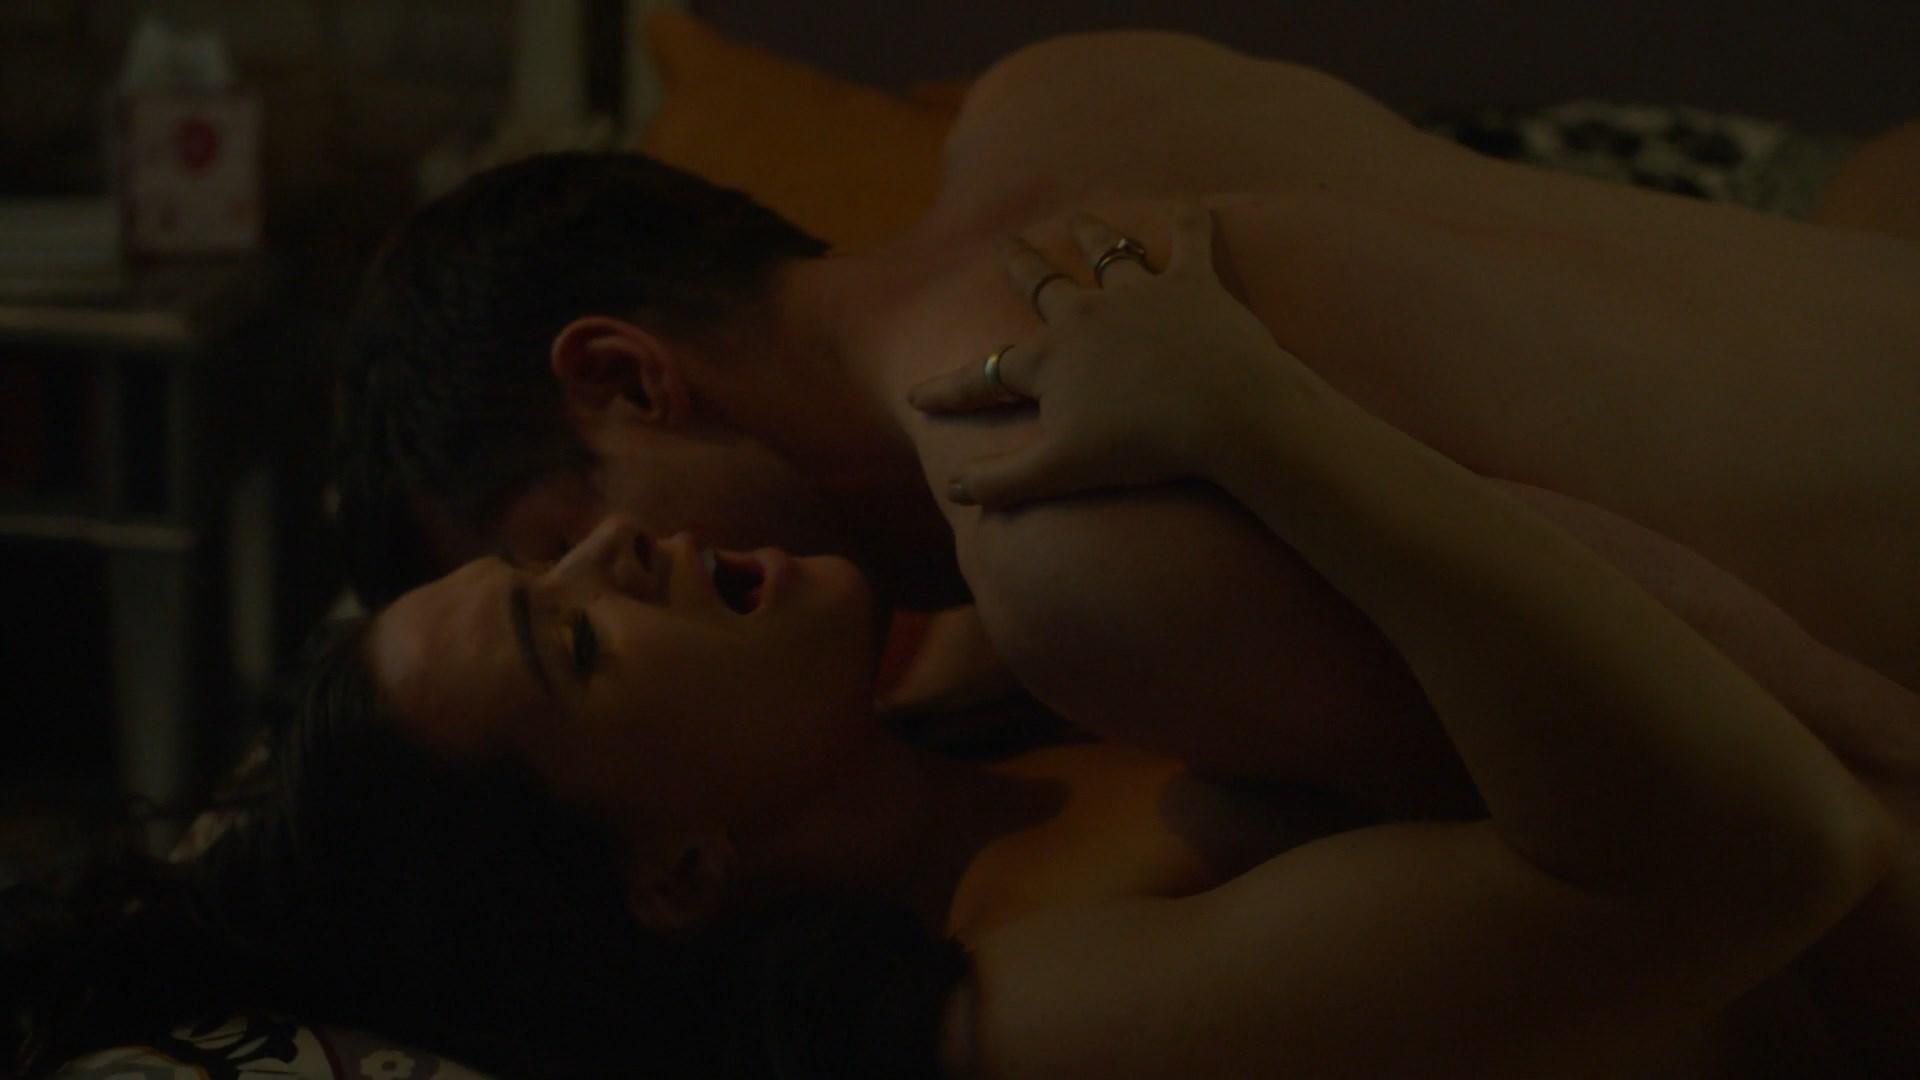 Katie leclerc nude